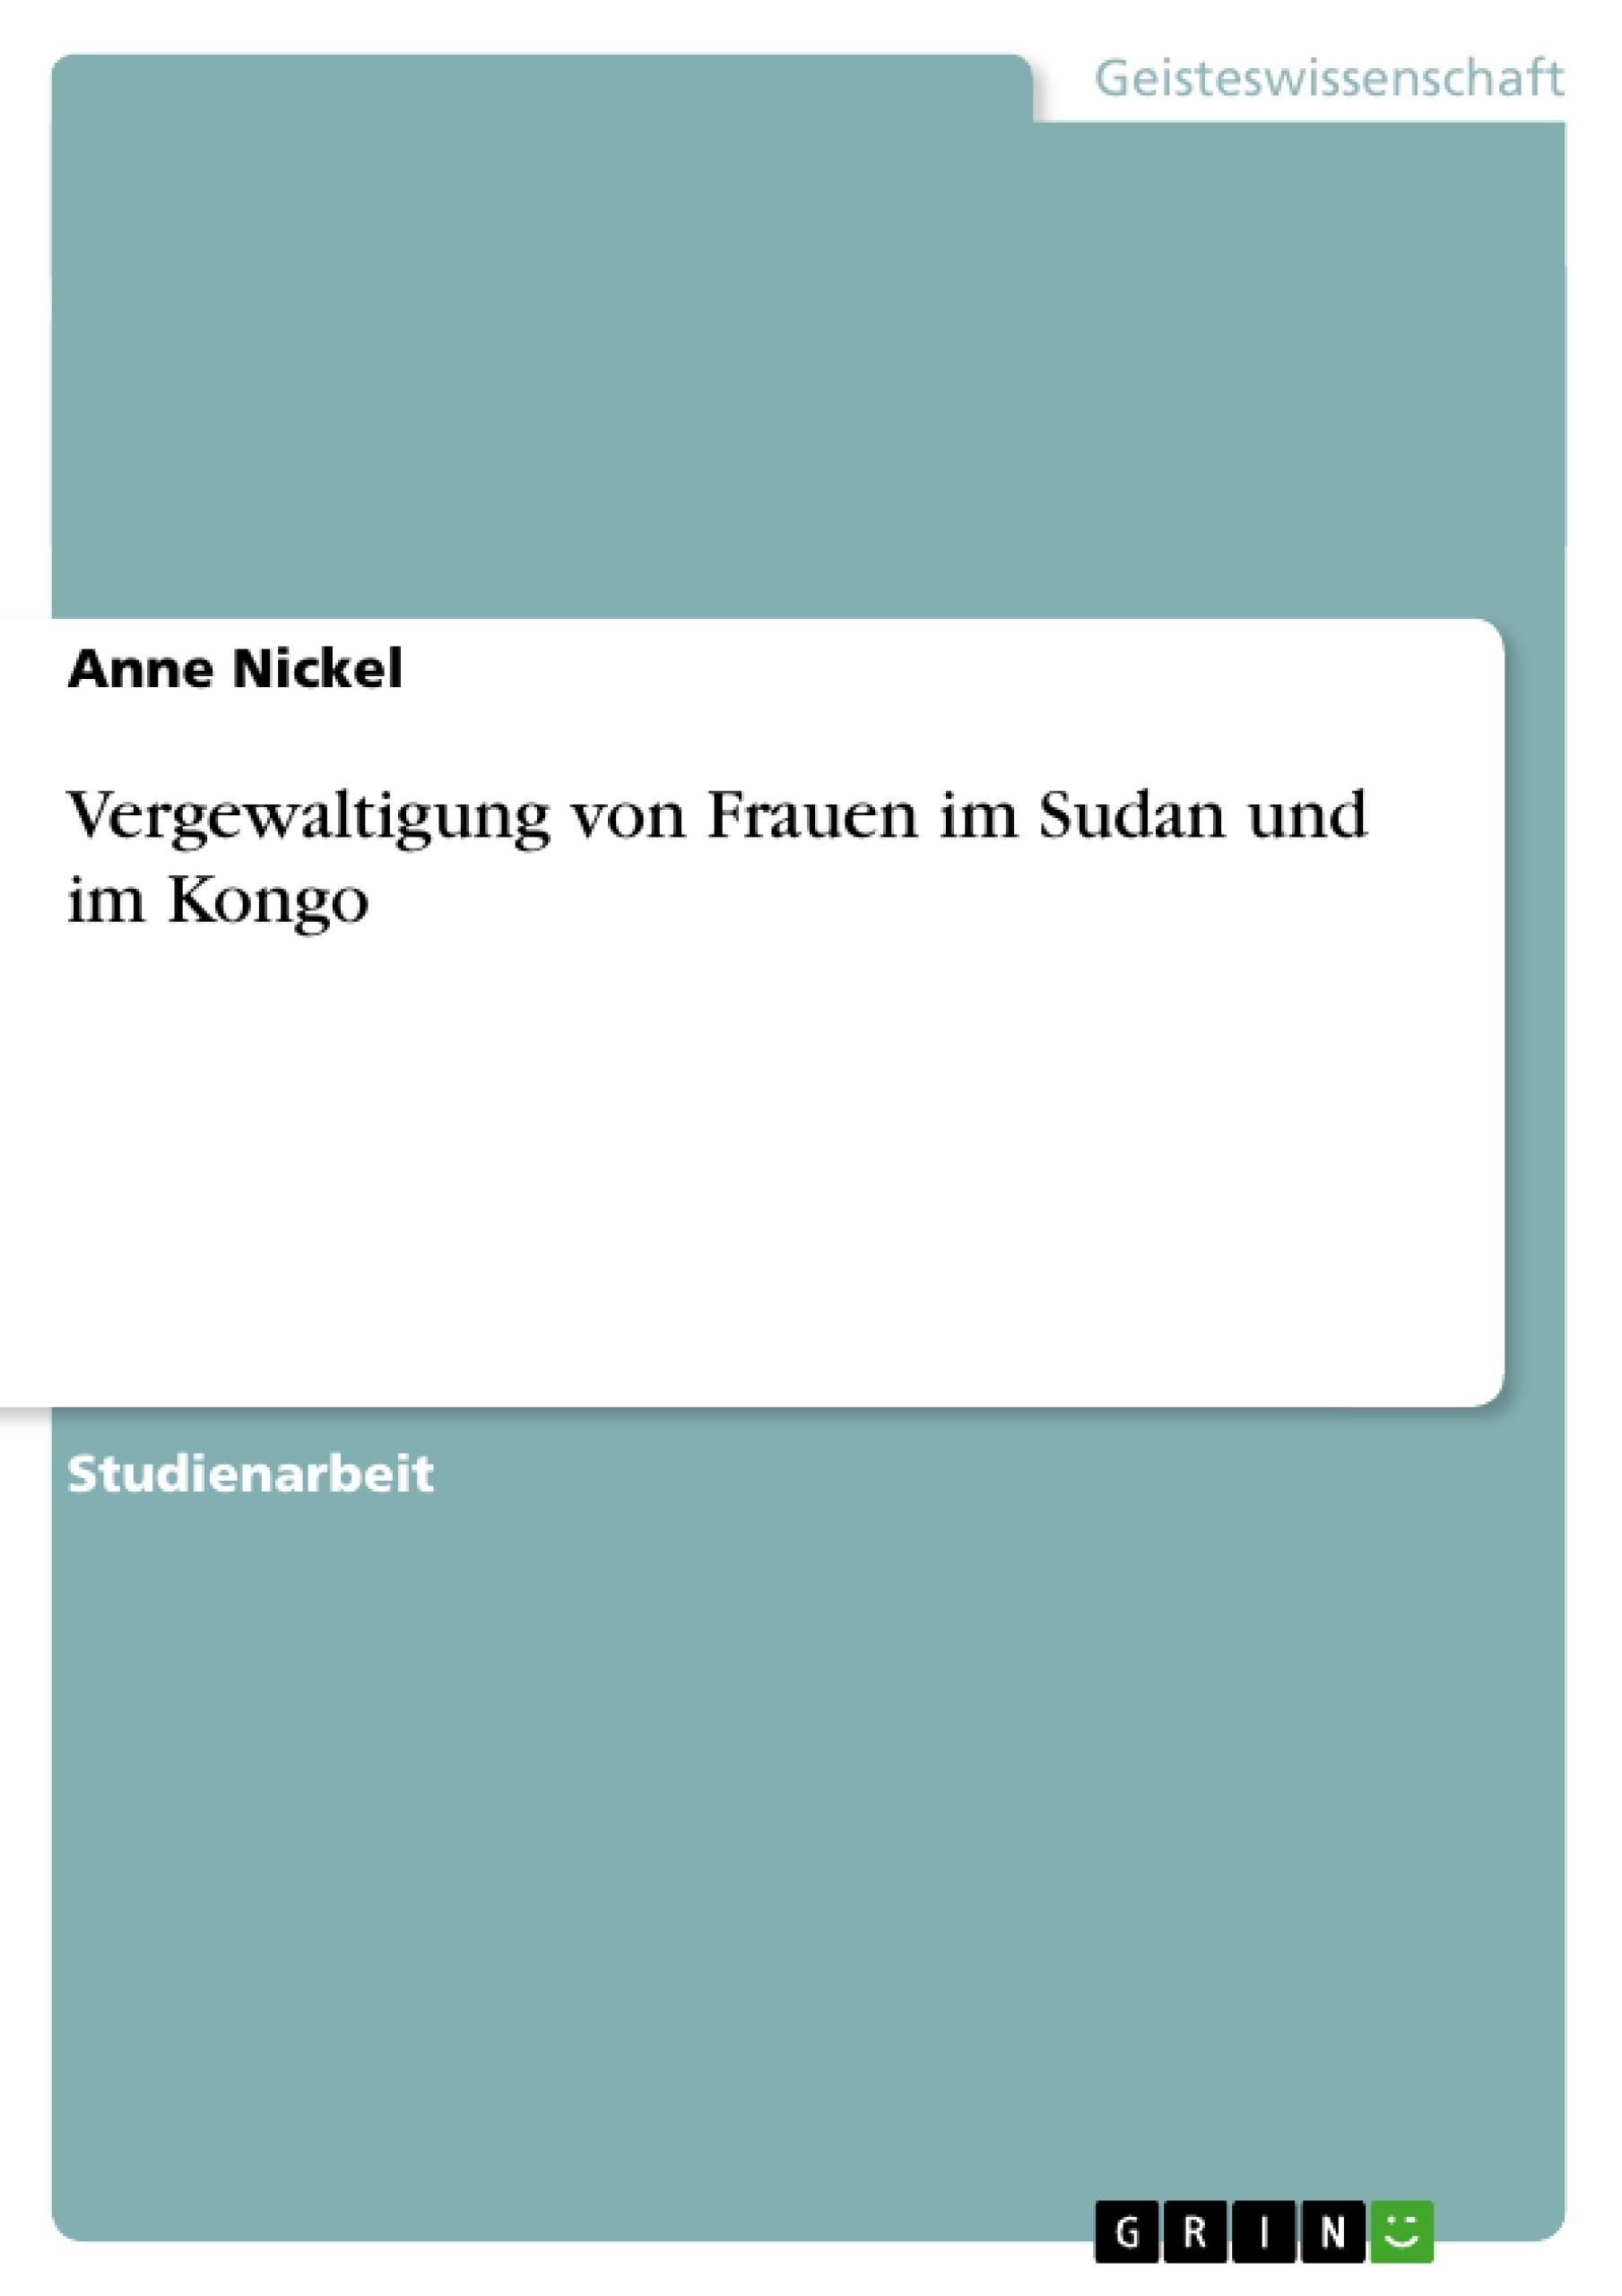 Titel: Vergewaltigung von Frauen im Sudan und im Kongo